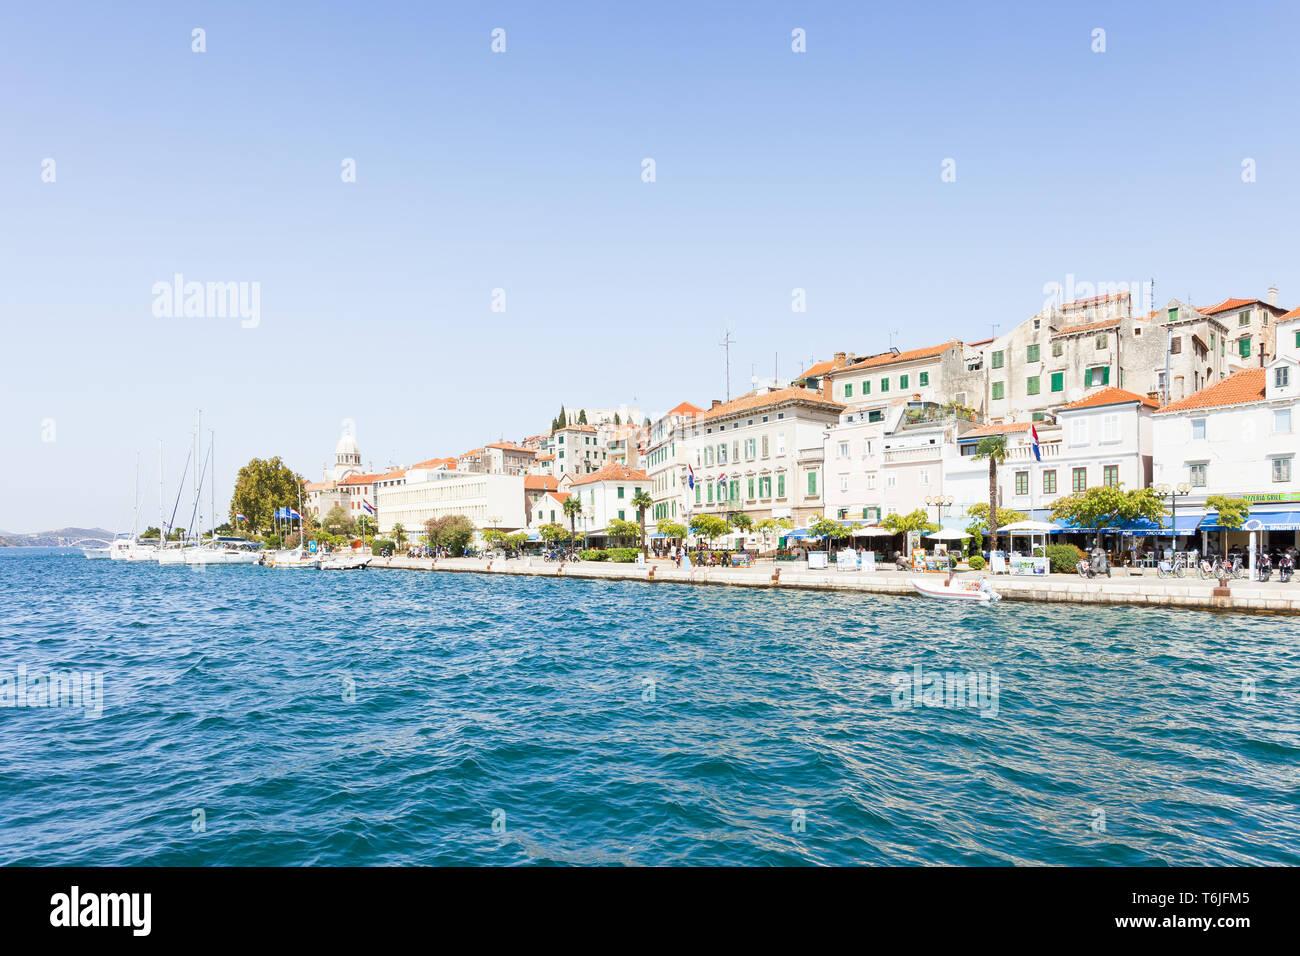 Sibenik, Kroatien, Europa - 31. AUGUST 2017 - die Touristen an der Promenade von Sibenik Stockfoto